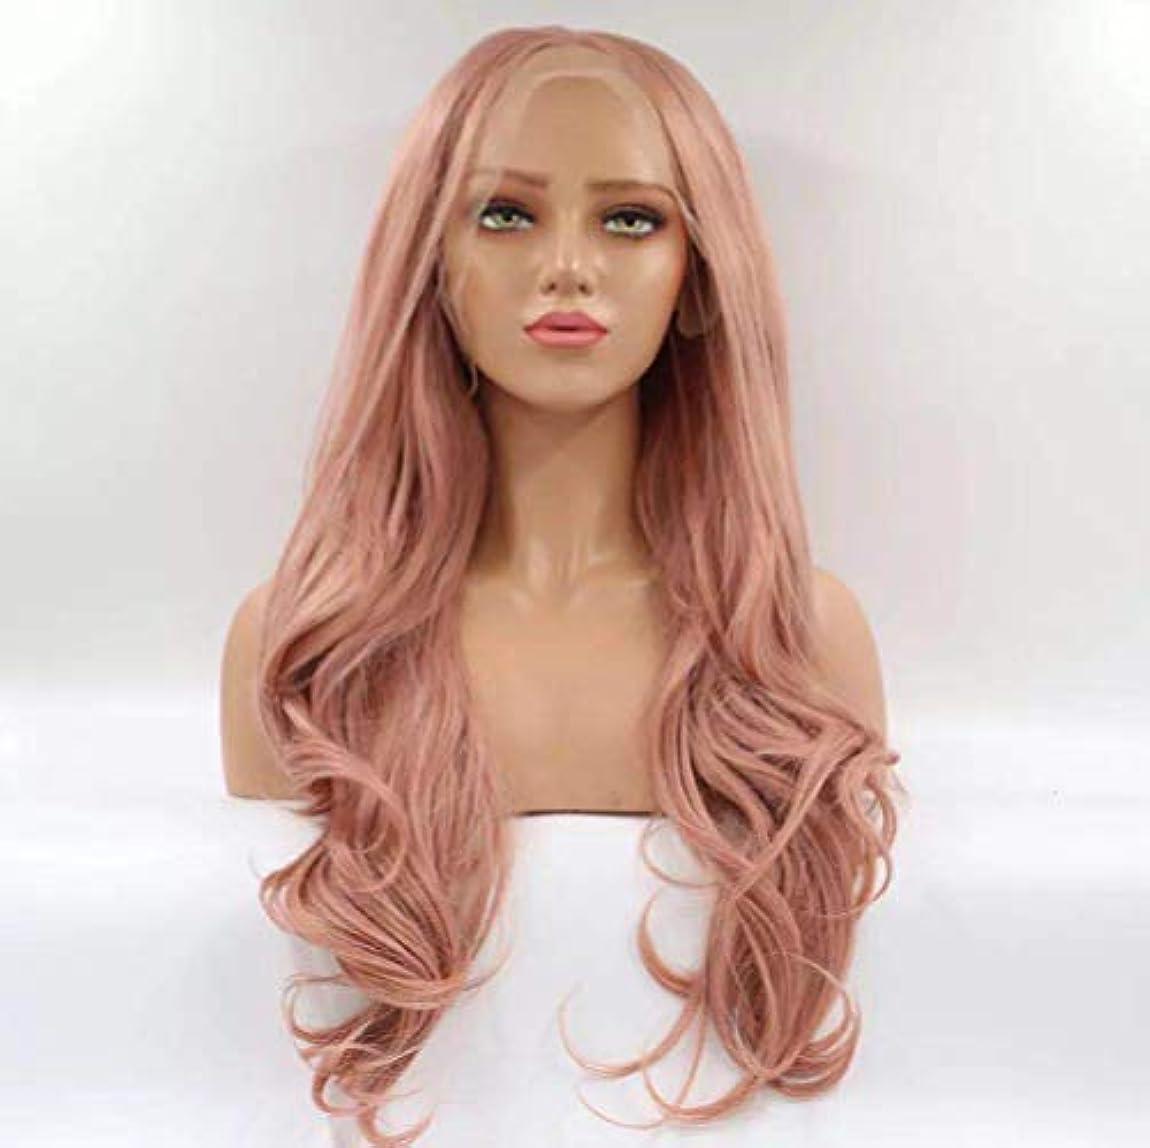 安西病んでいるカウンターパートレースフロントウィッグ150%密度実体波かつら女性フルかつらで赤ん坊の髪の前摘み取ら自然な生え際ピンク24インチ